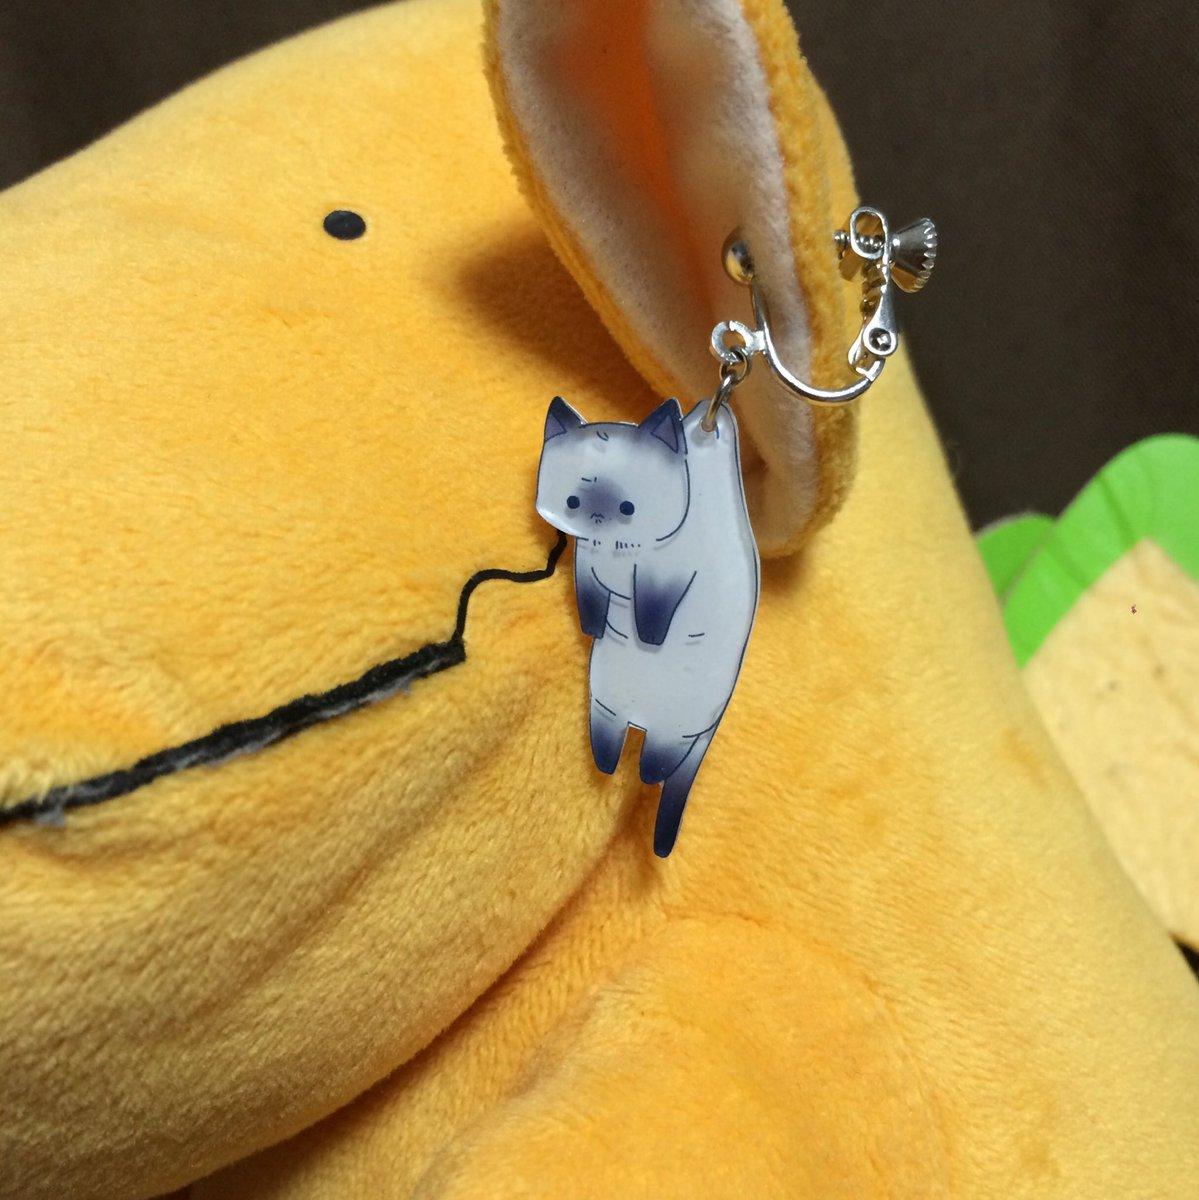 めっちゃ可愛い猫のイヤリング買ってしまってテンション上がってる https://t.co/hg7PZZgC30